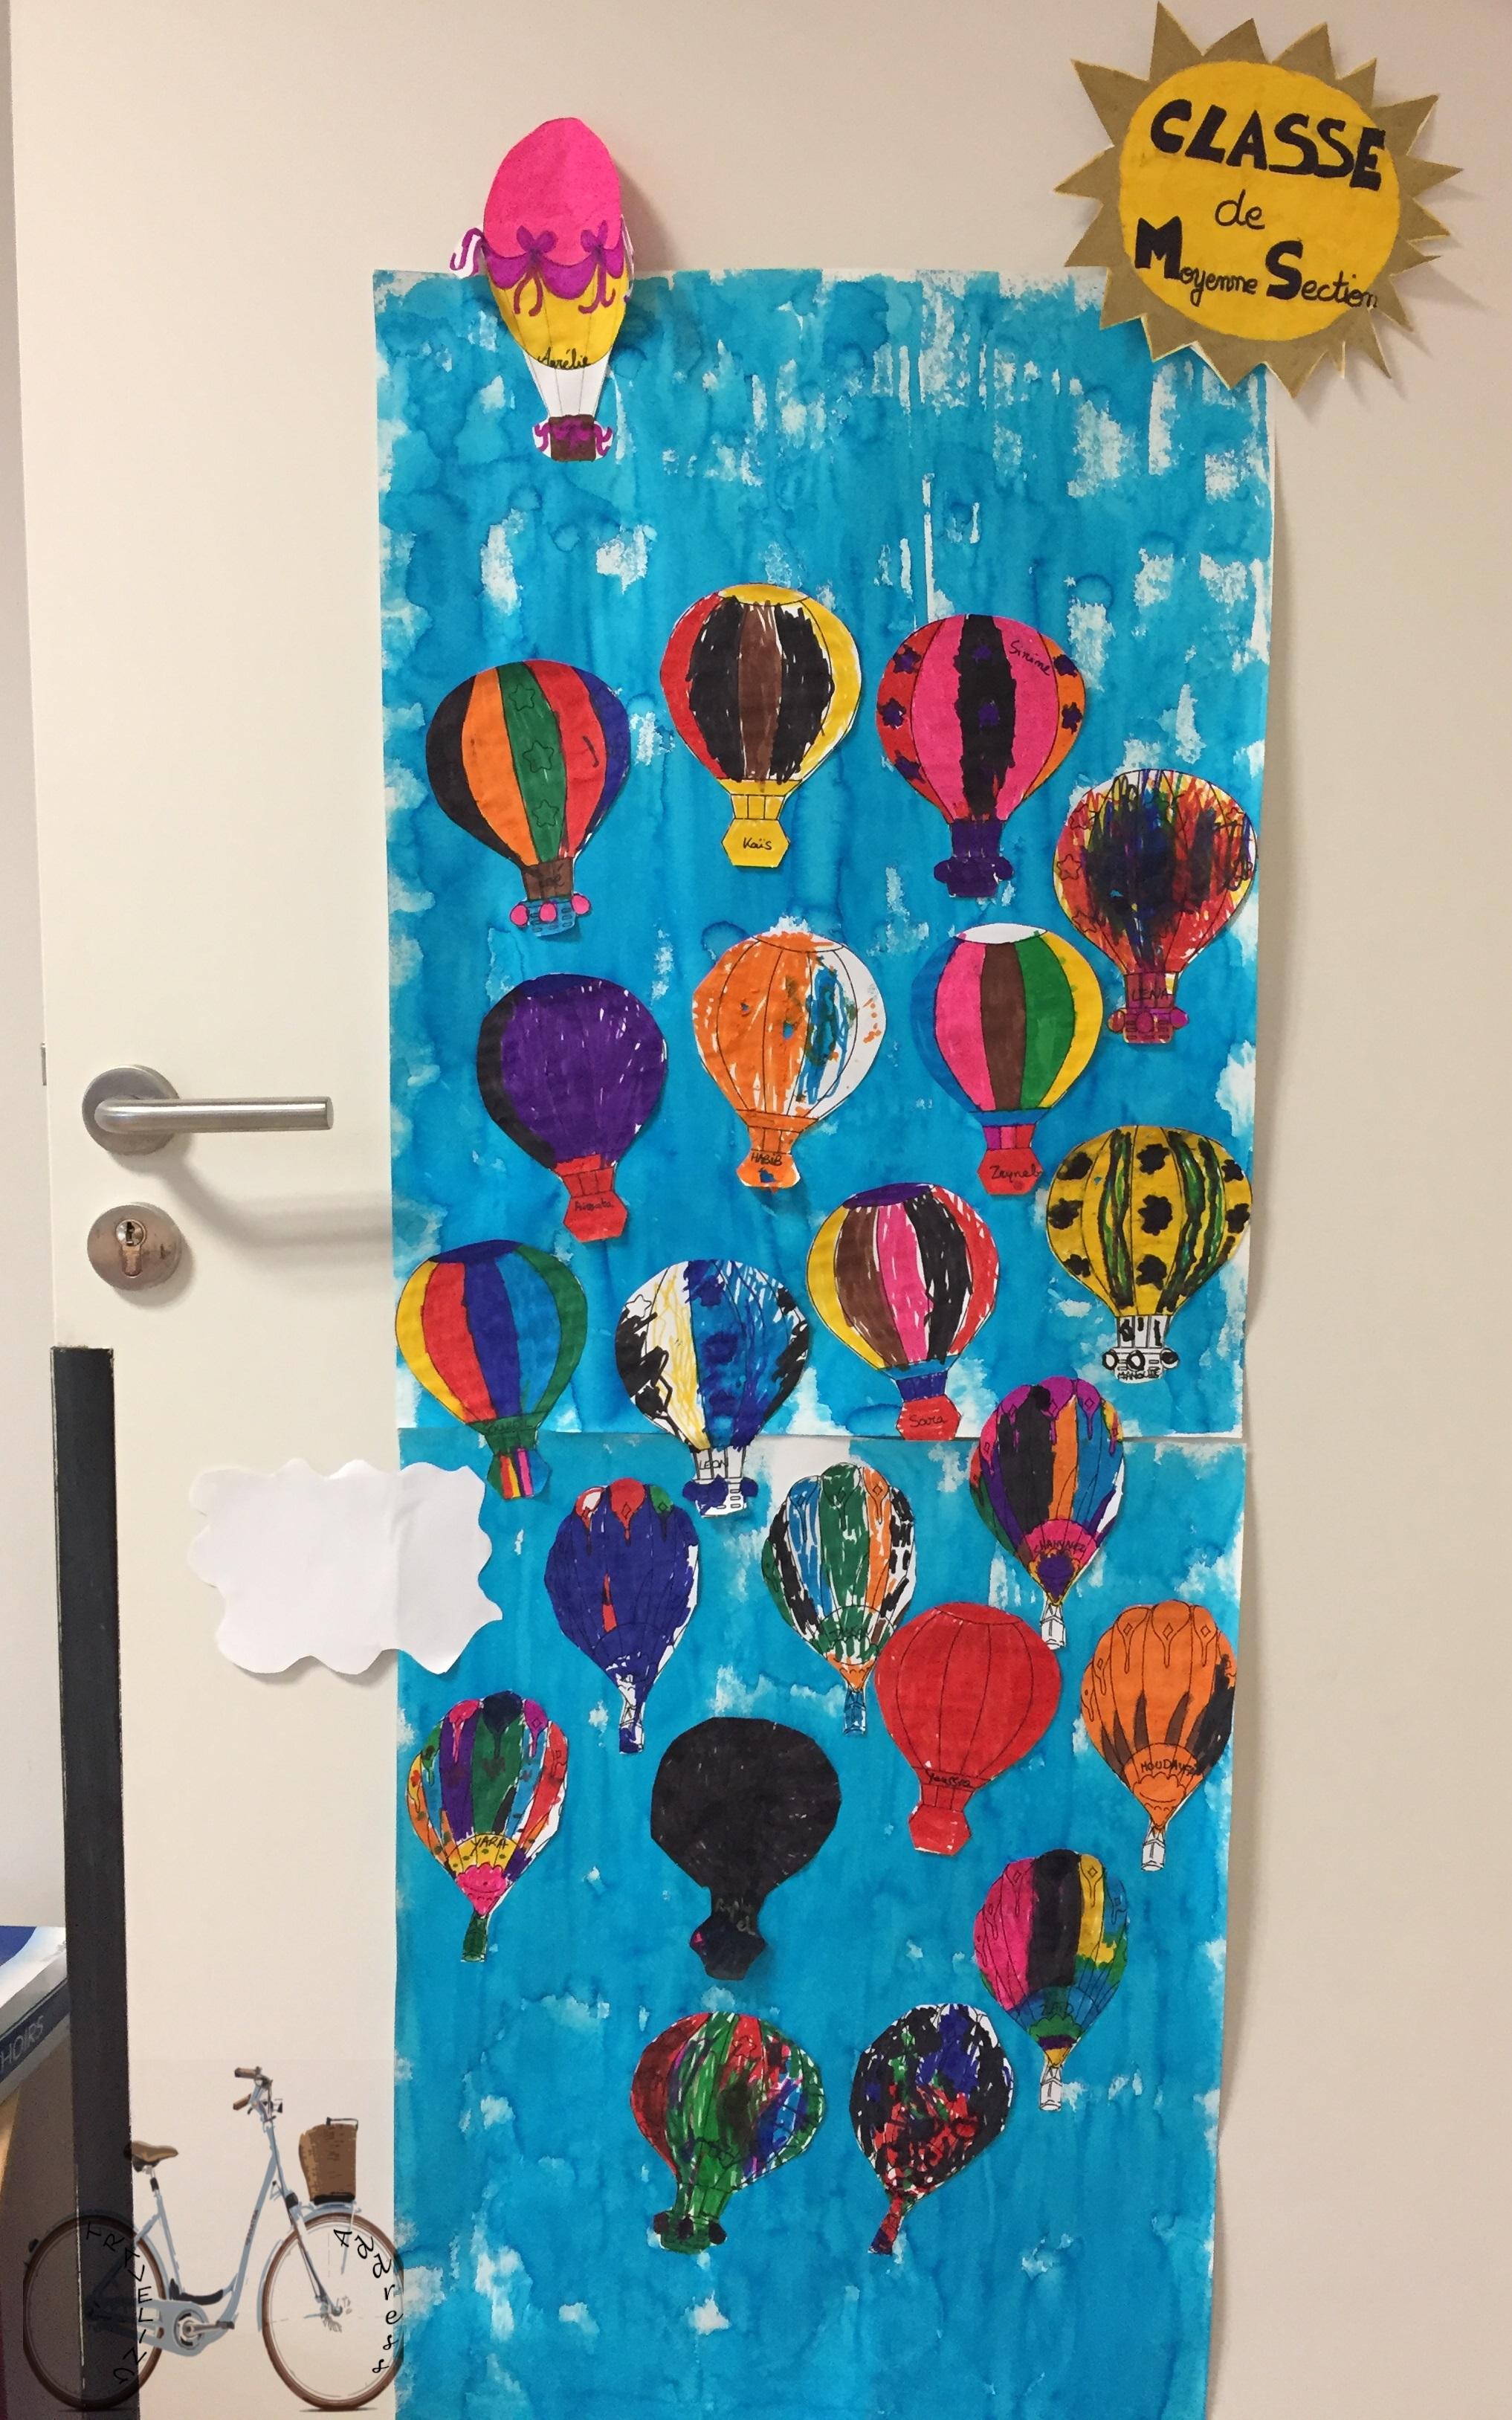 Decoration Porte Classe : Affiche décoration porte de classe thème voyage